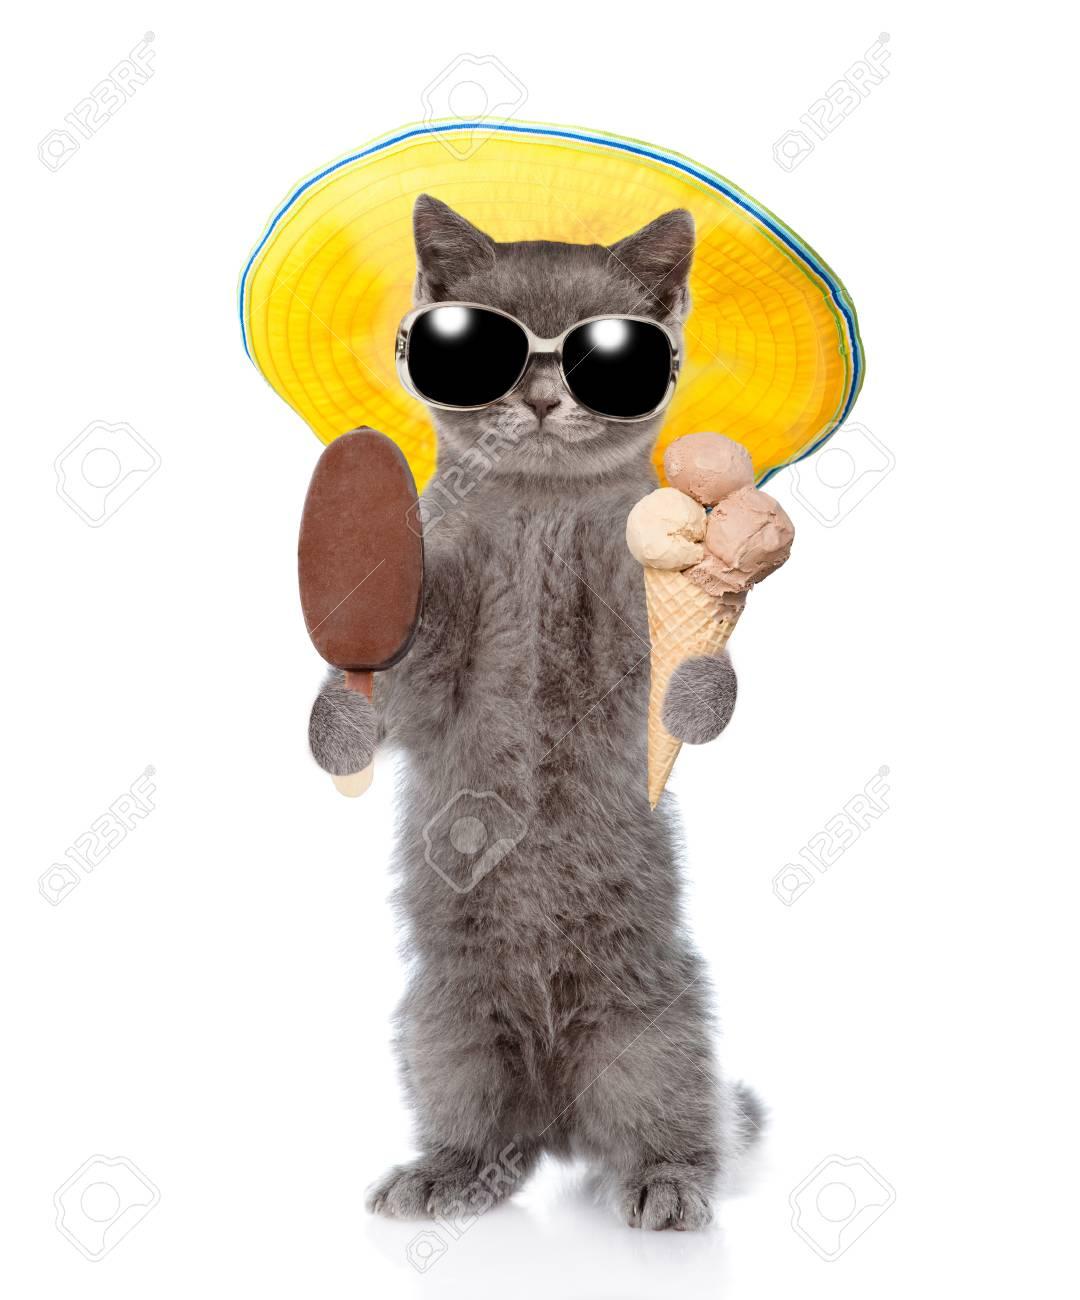 Chat d'été drôle avec des lunettes de soleil et chapeau manger des glaces. isolé sur fond blanc. Banque d'images - 82253801